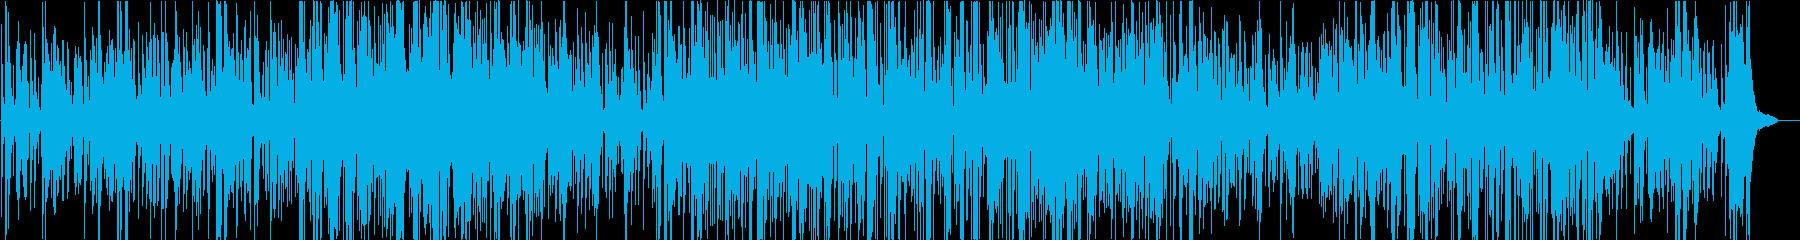 癒しのジャズの再生済みの波形